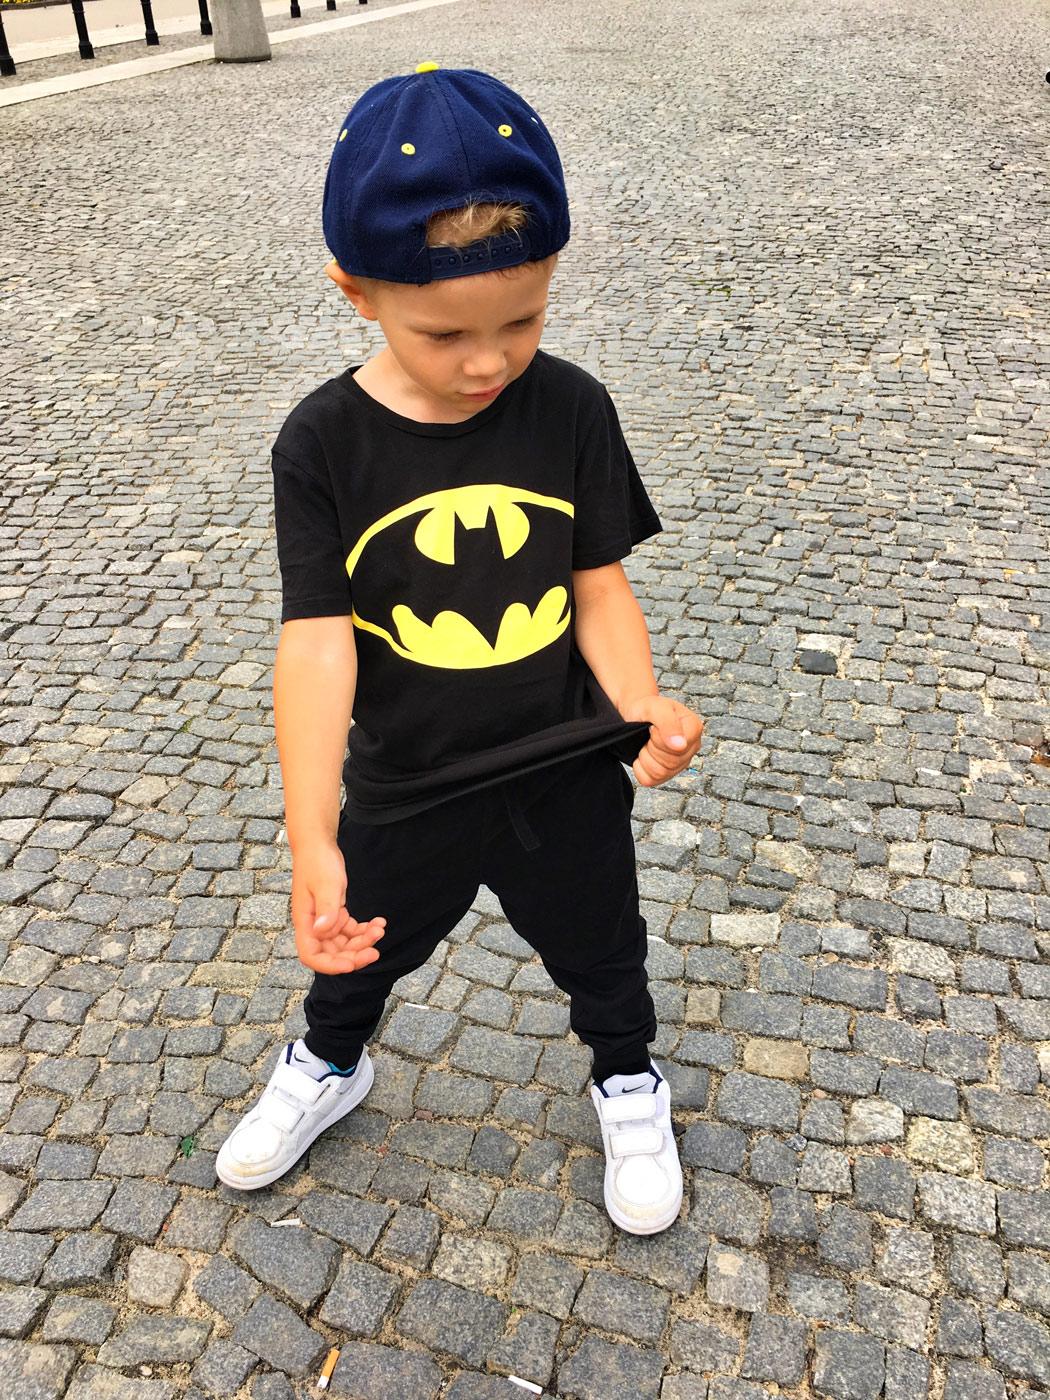 Za każdym Batmanem stoi jakaś historia.